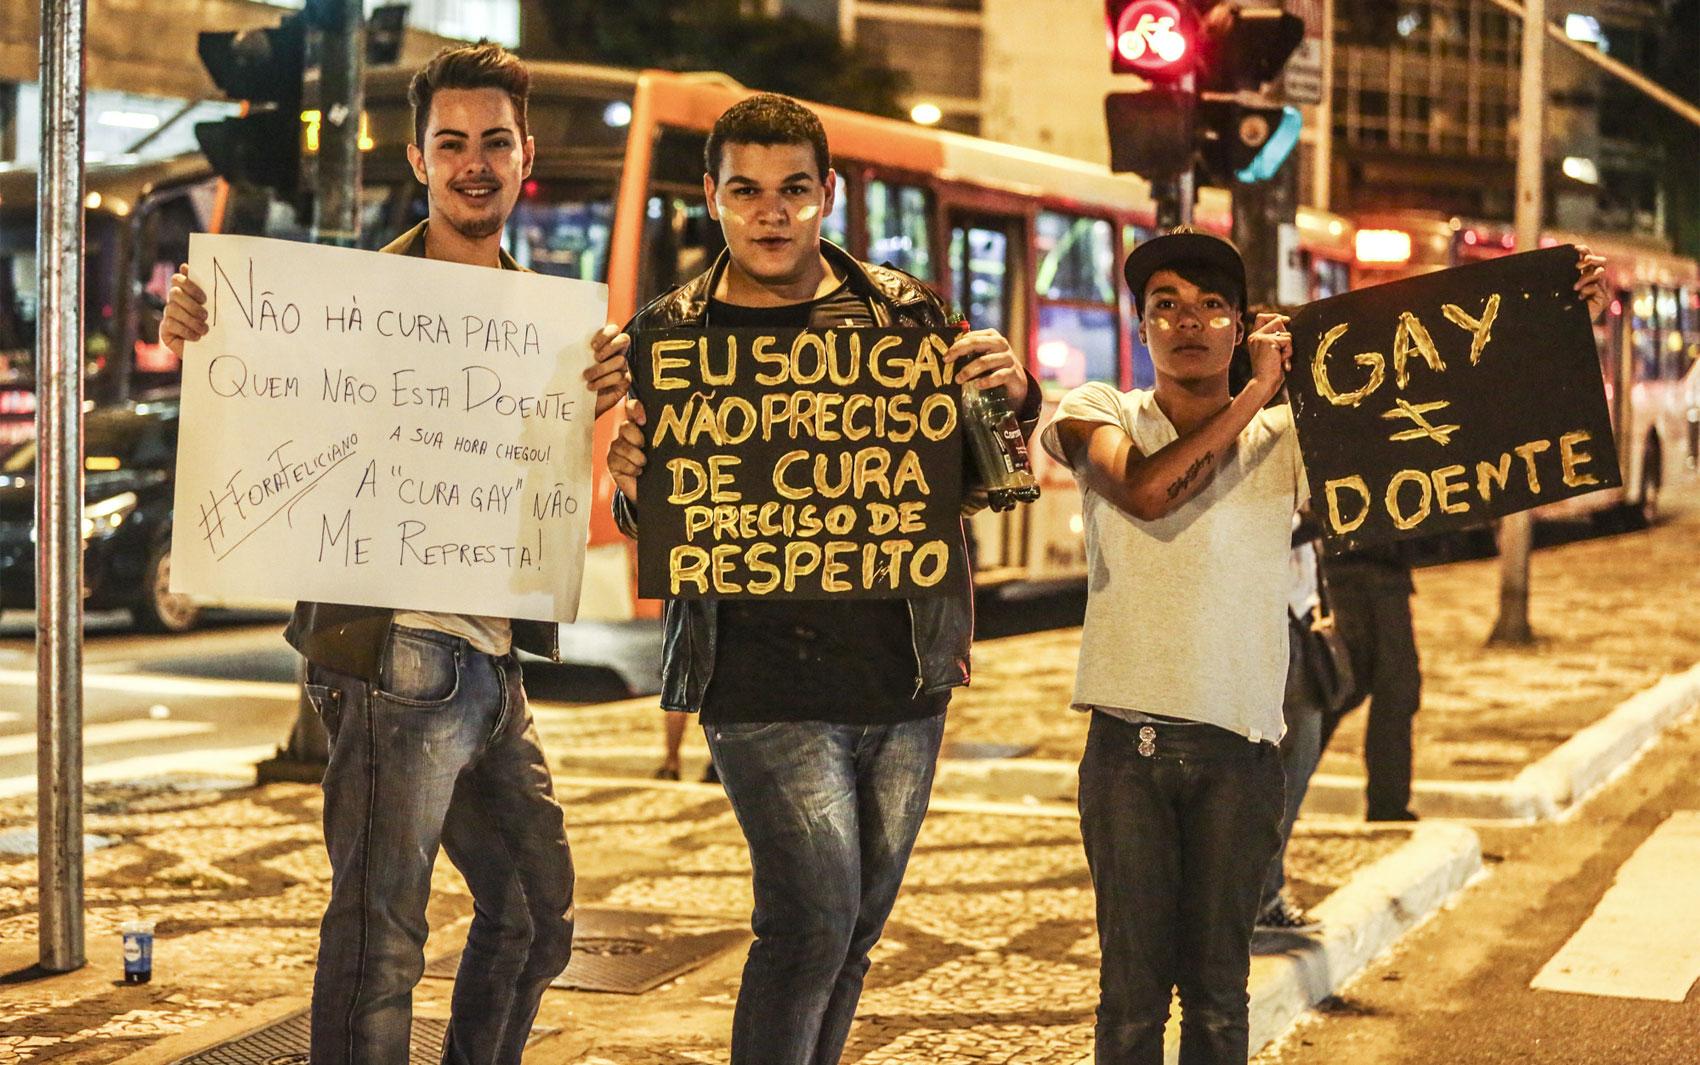 São Paulo - Jovens participam de protesto contra o projeto de lei da cura gay nesta sexta